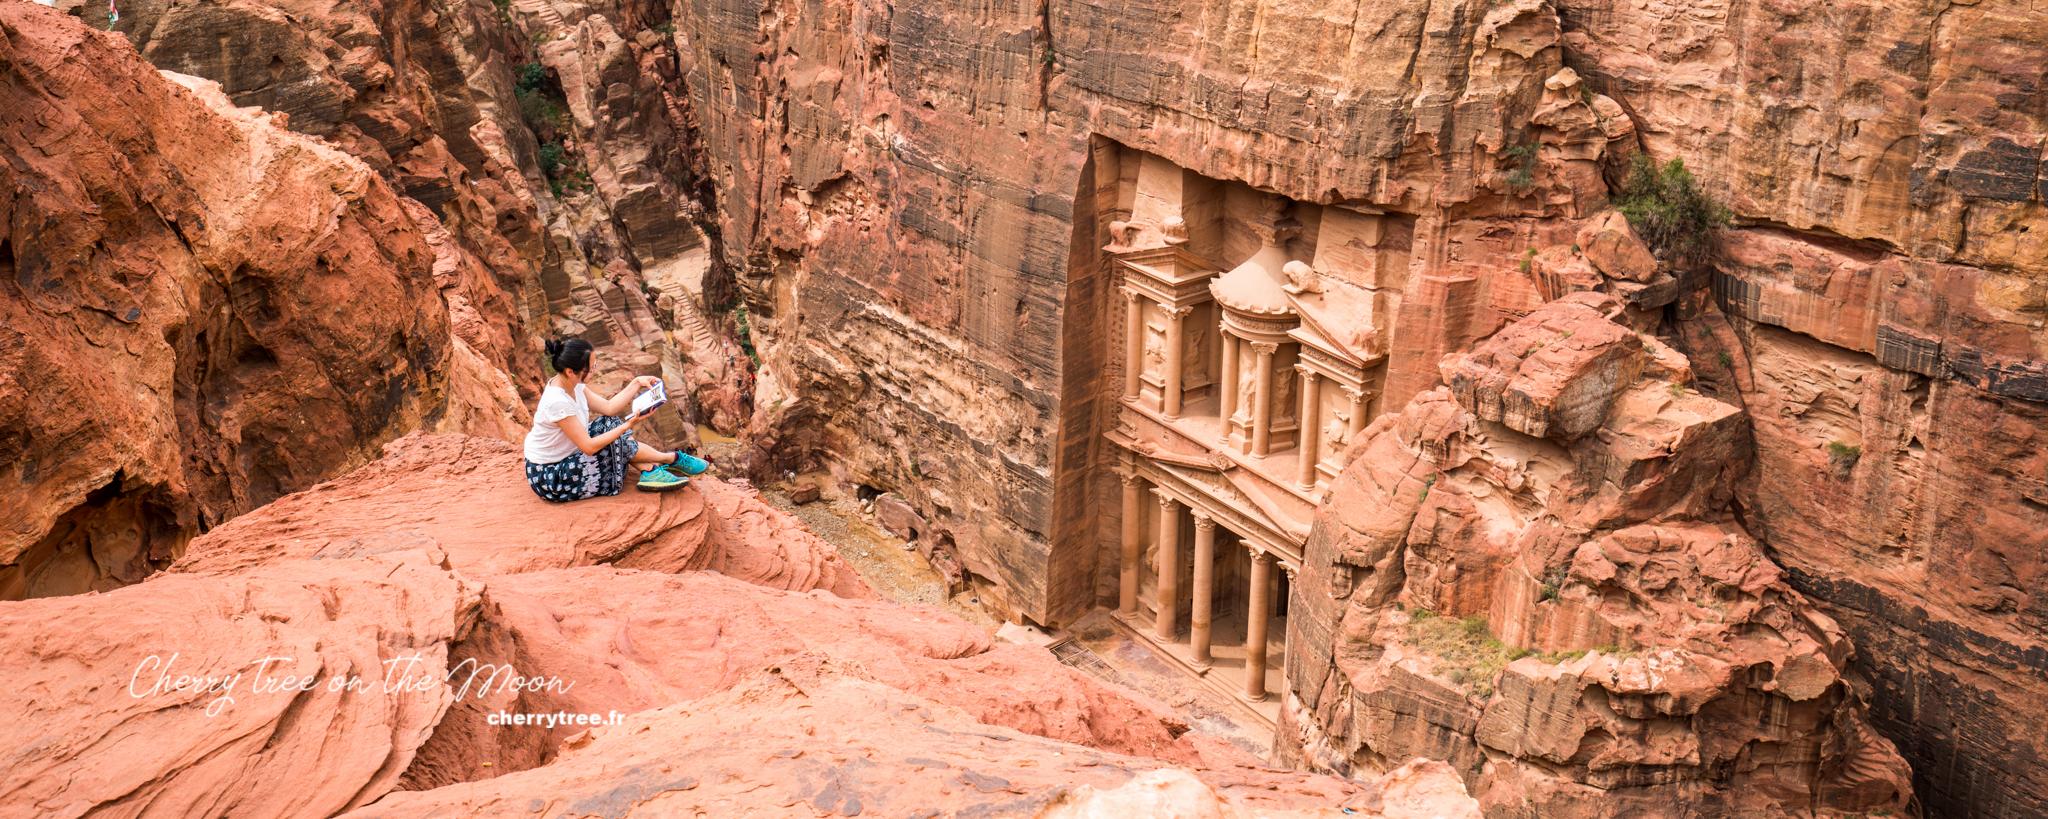 Vương quốc Jordan - Lịch trình và kinh nghiệm